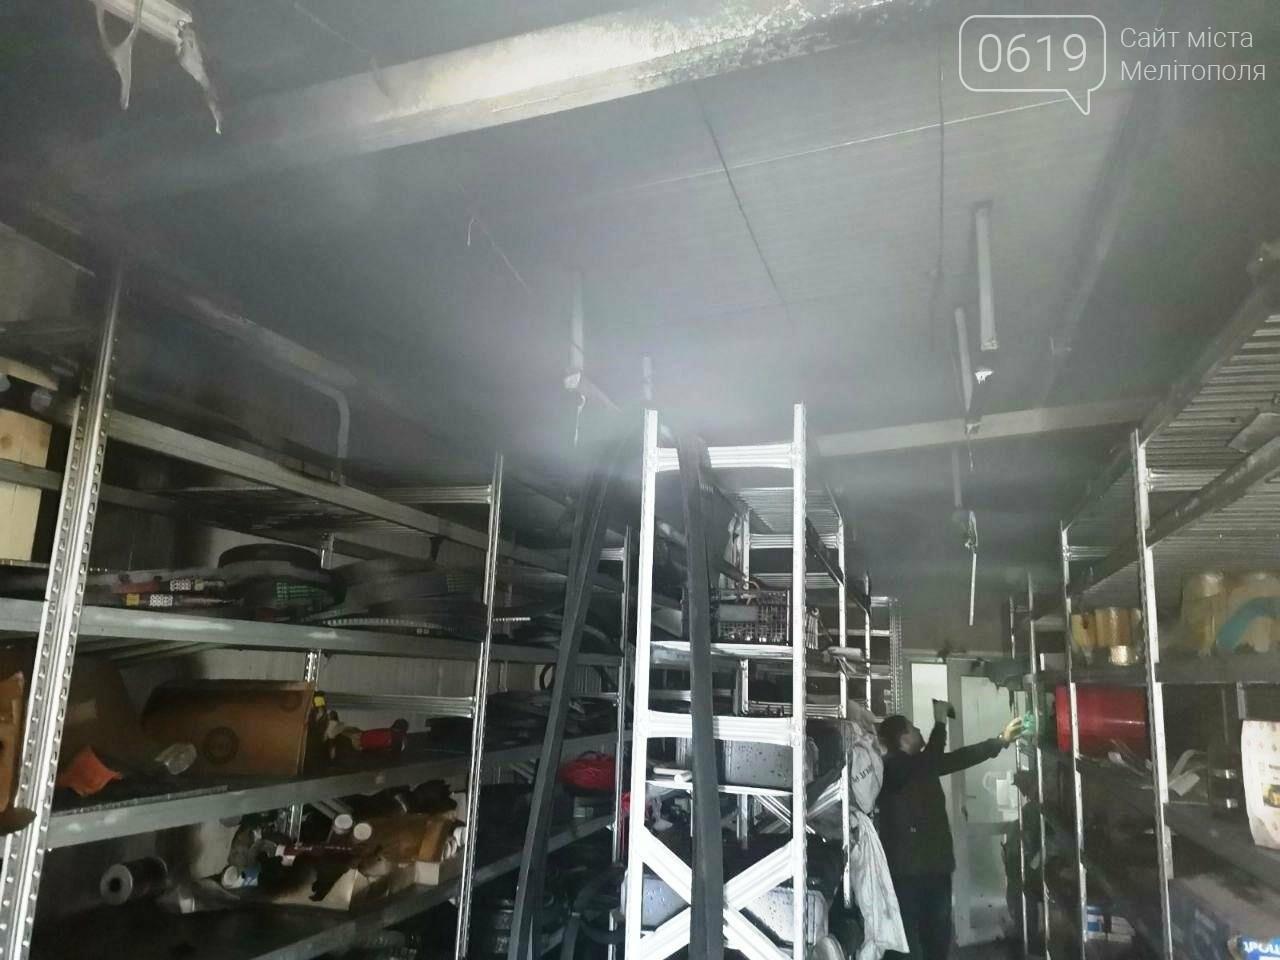 Спасатели Мелитополя тушили пожар в складском помещении, фото-1